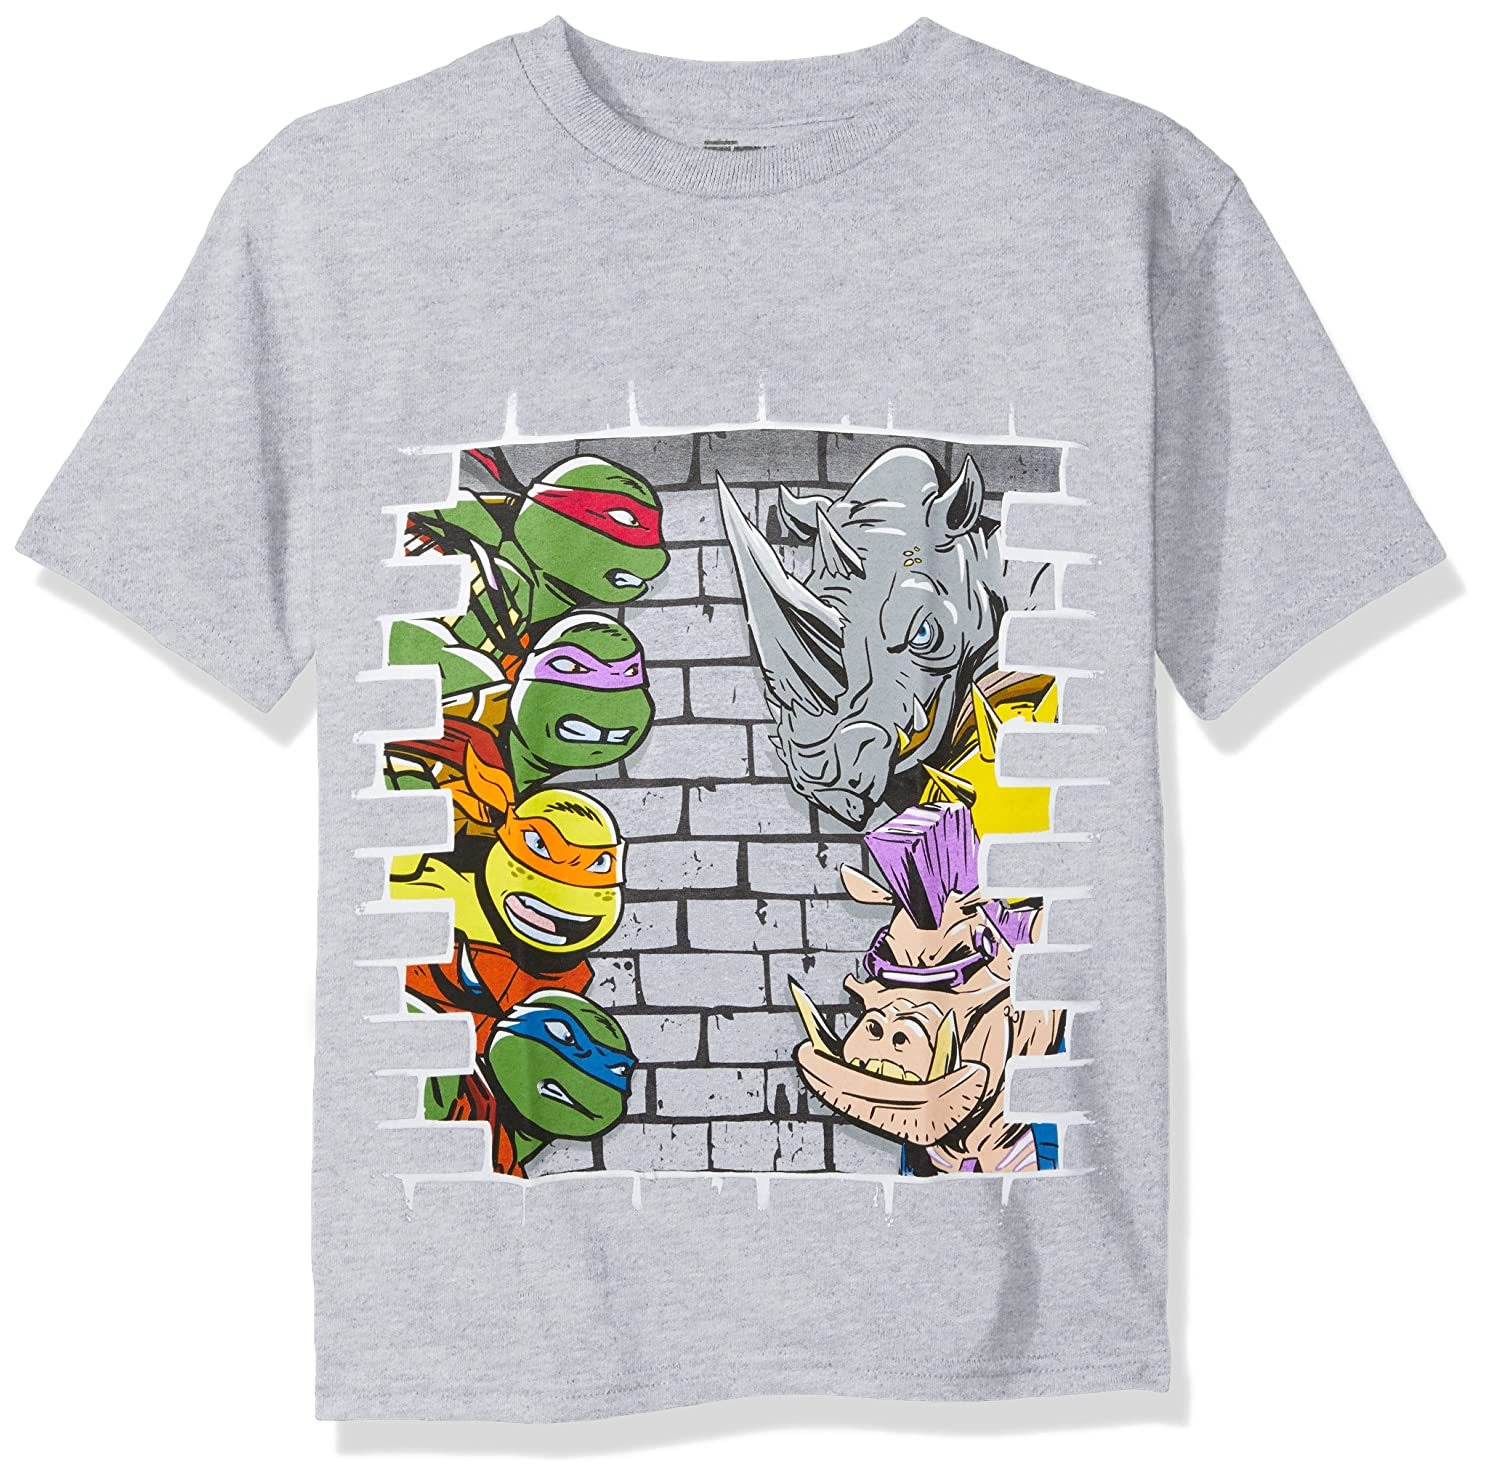 Teenage Mutant Ninja Turtles Boys' Tee Shirt